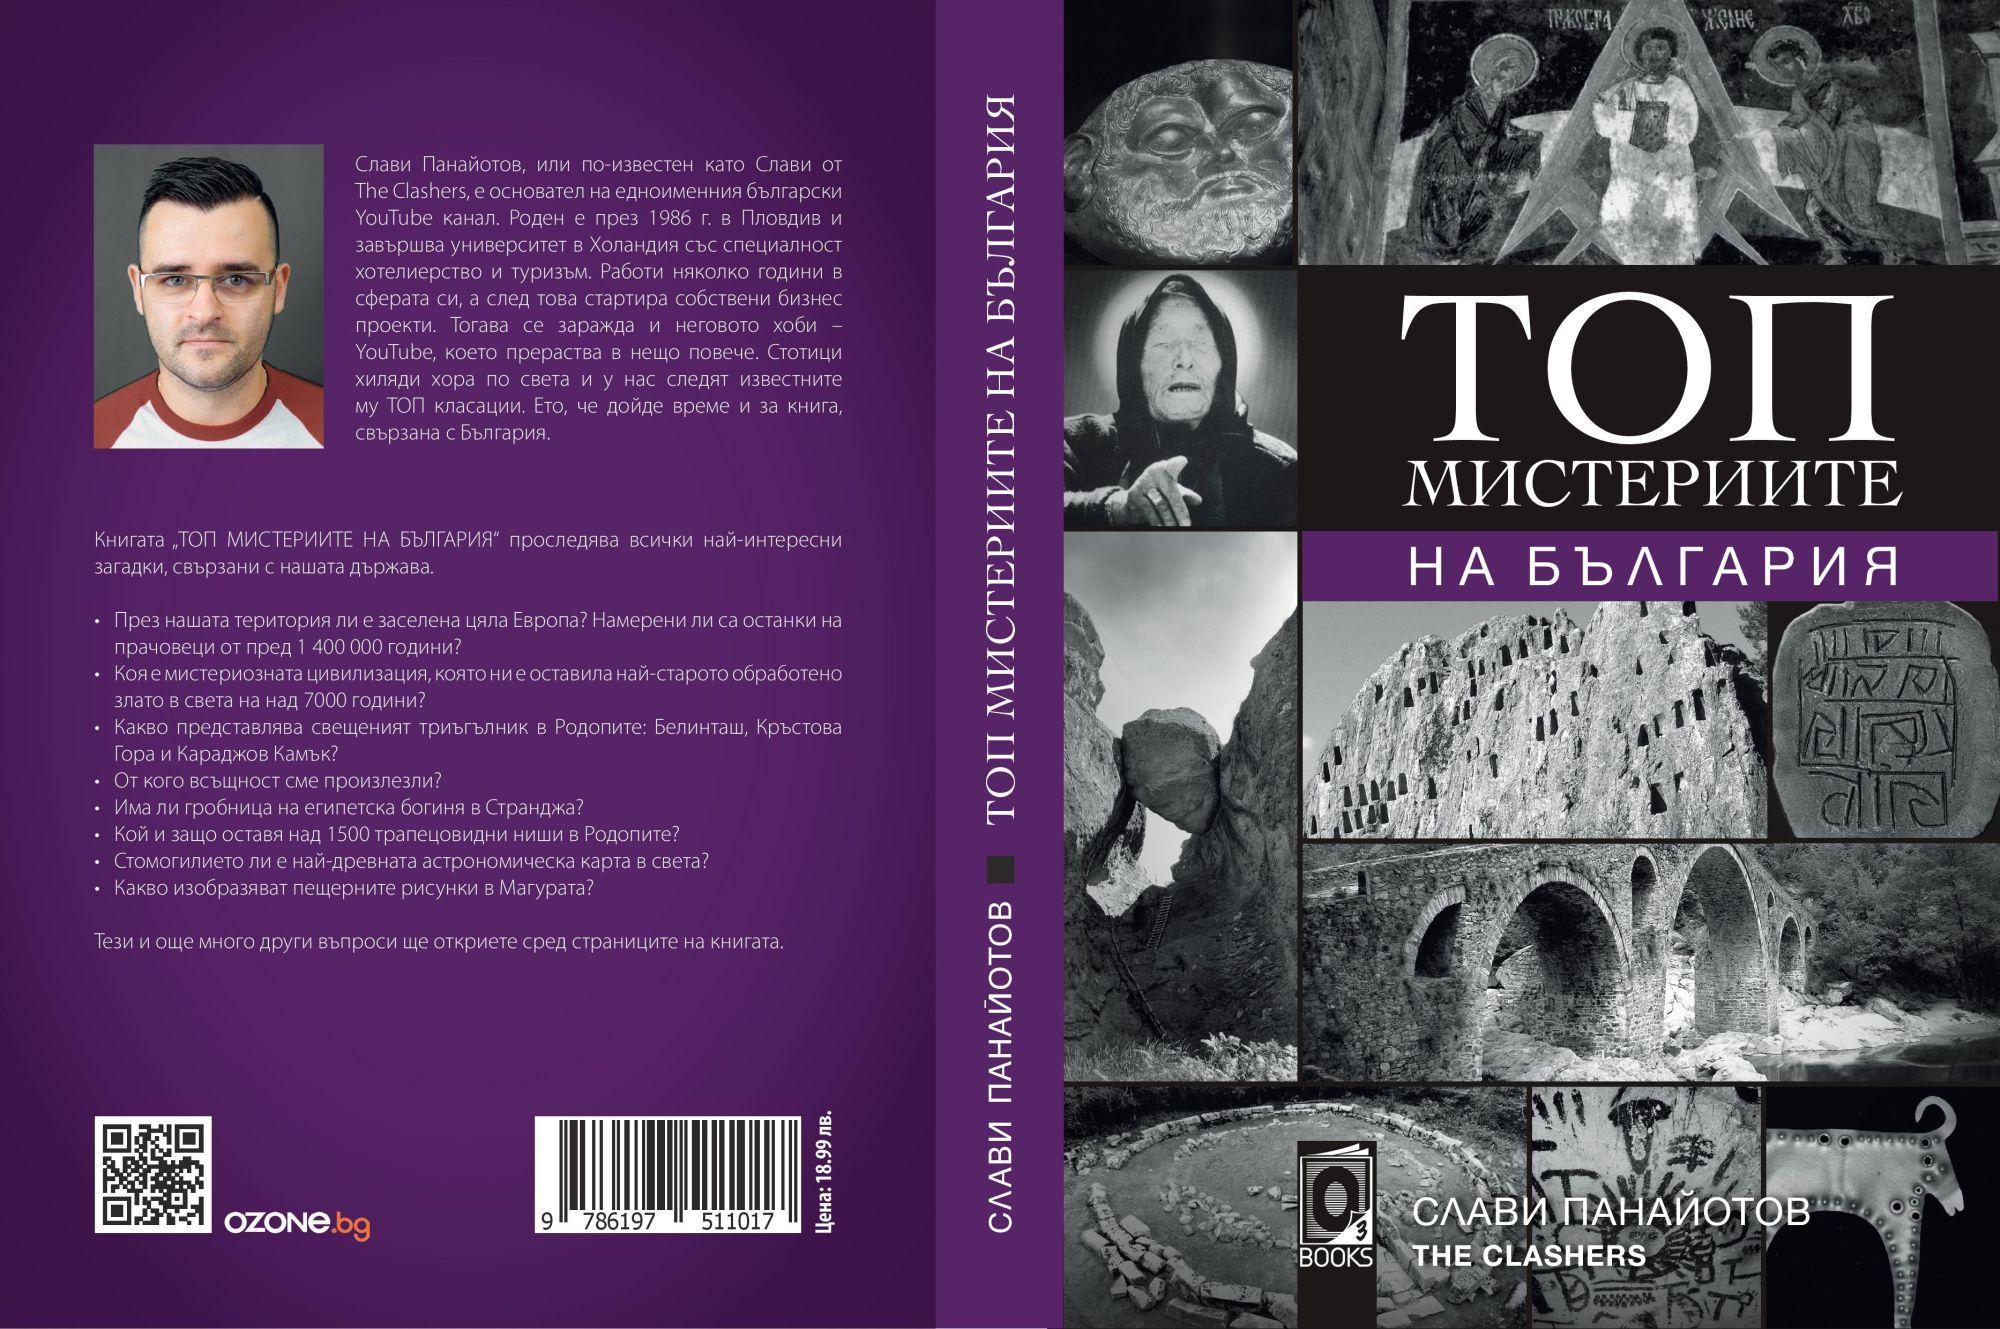 Топ мистериите на България - 4